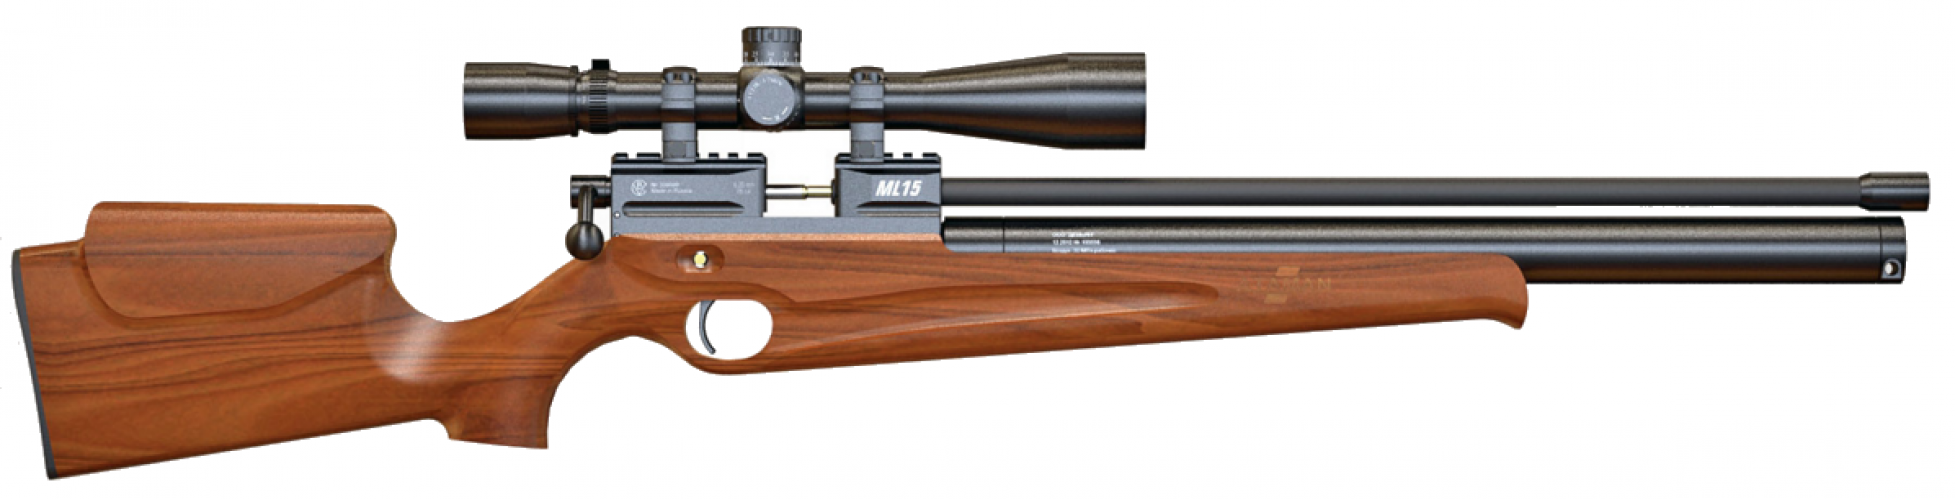 Пневматическая винтовка Ataman ML15 6,35 мм